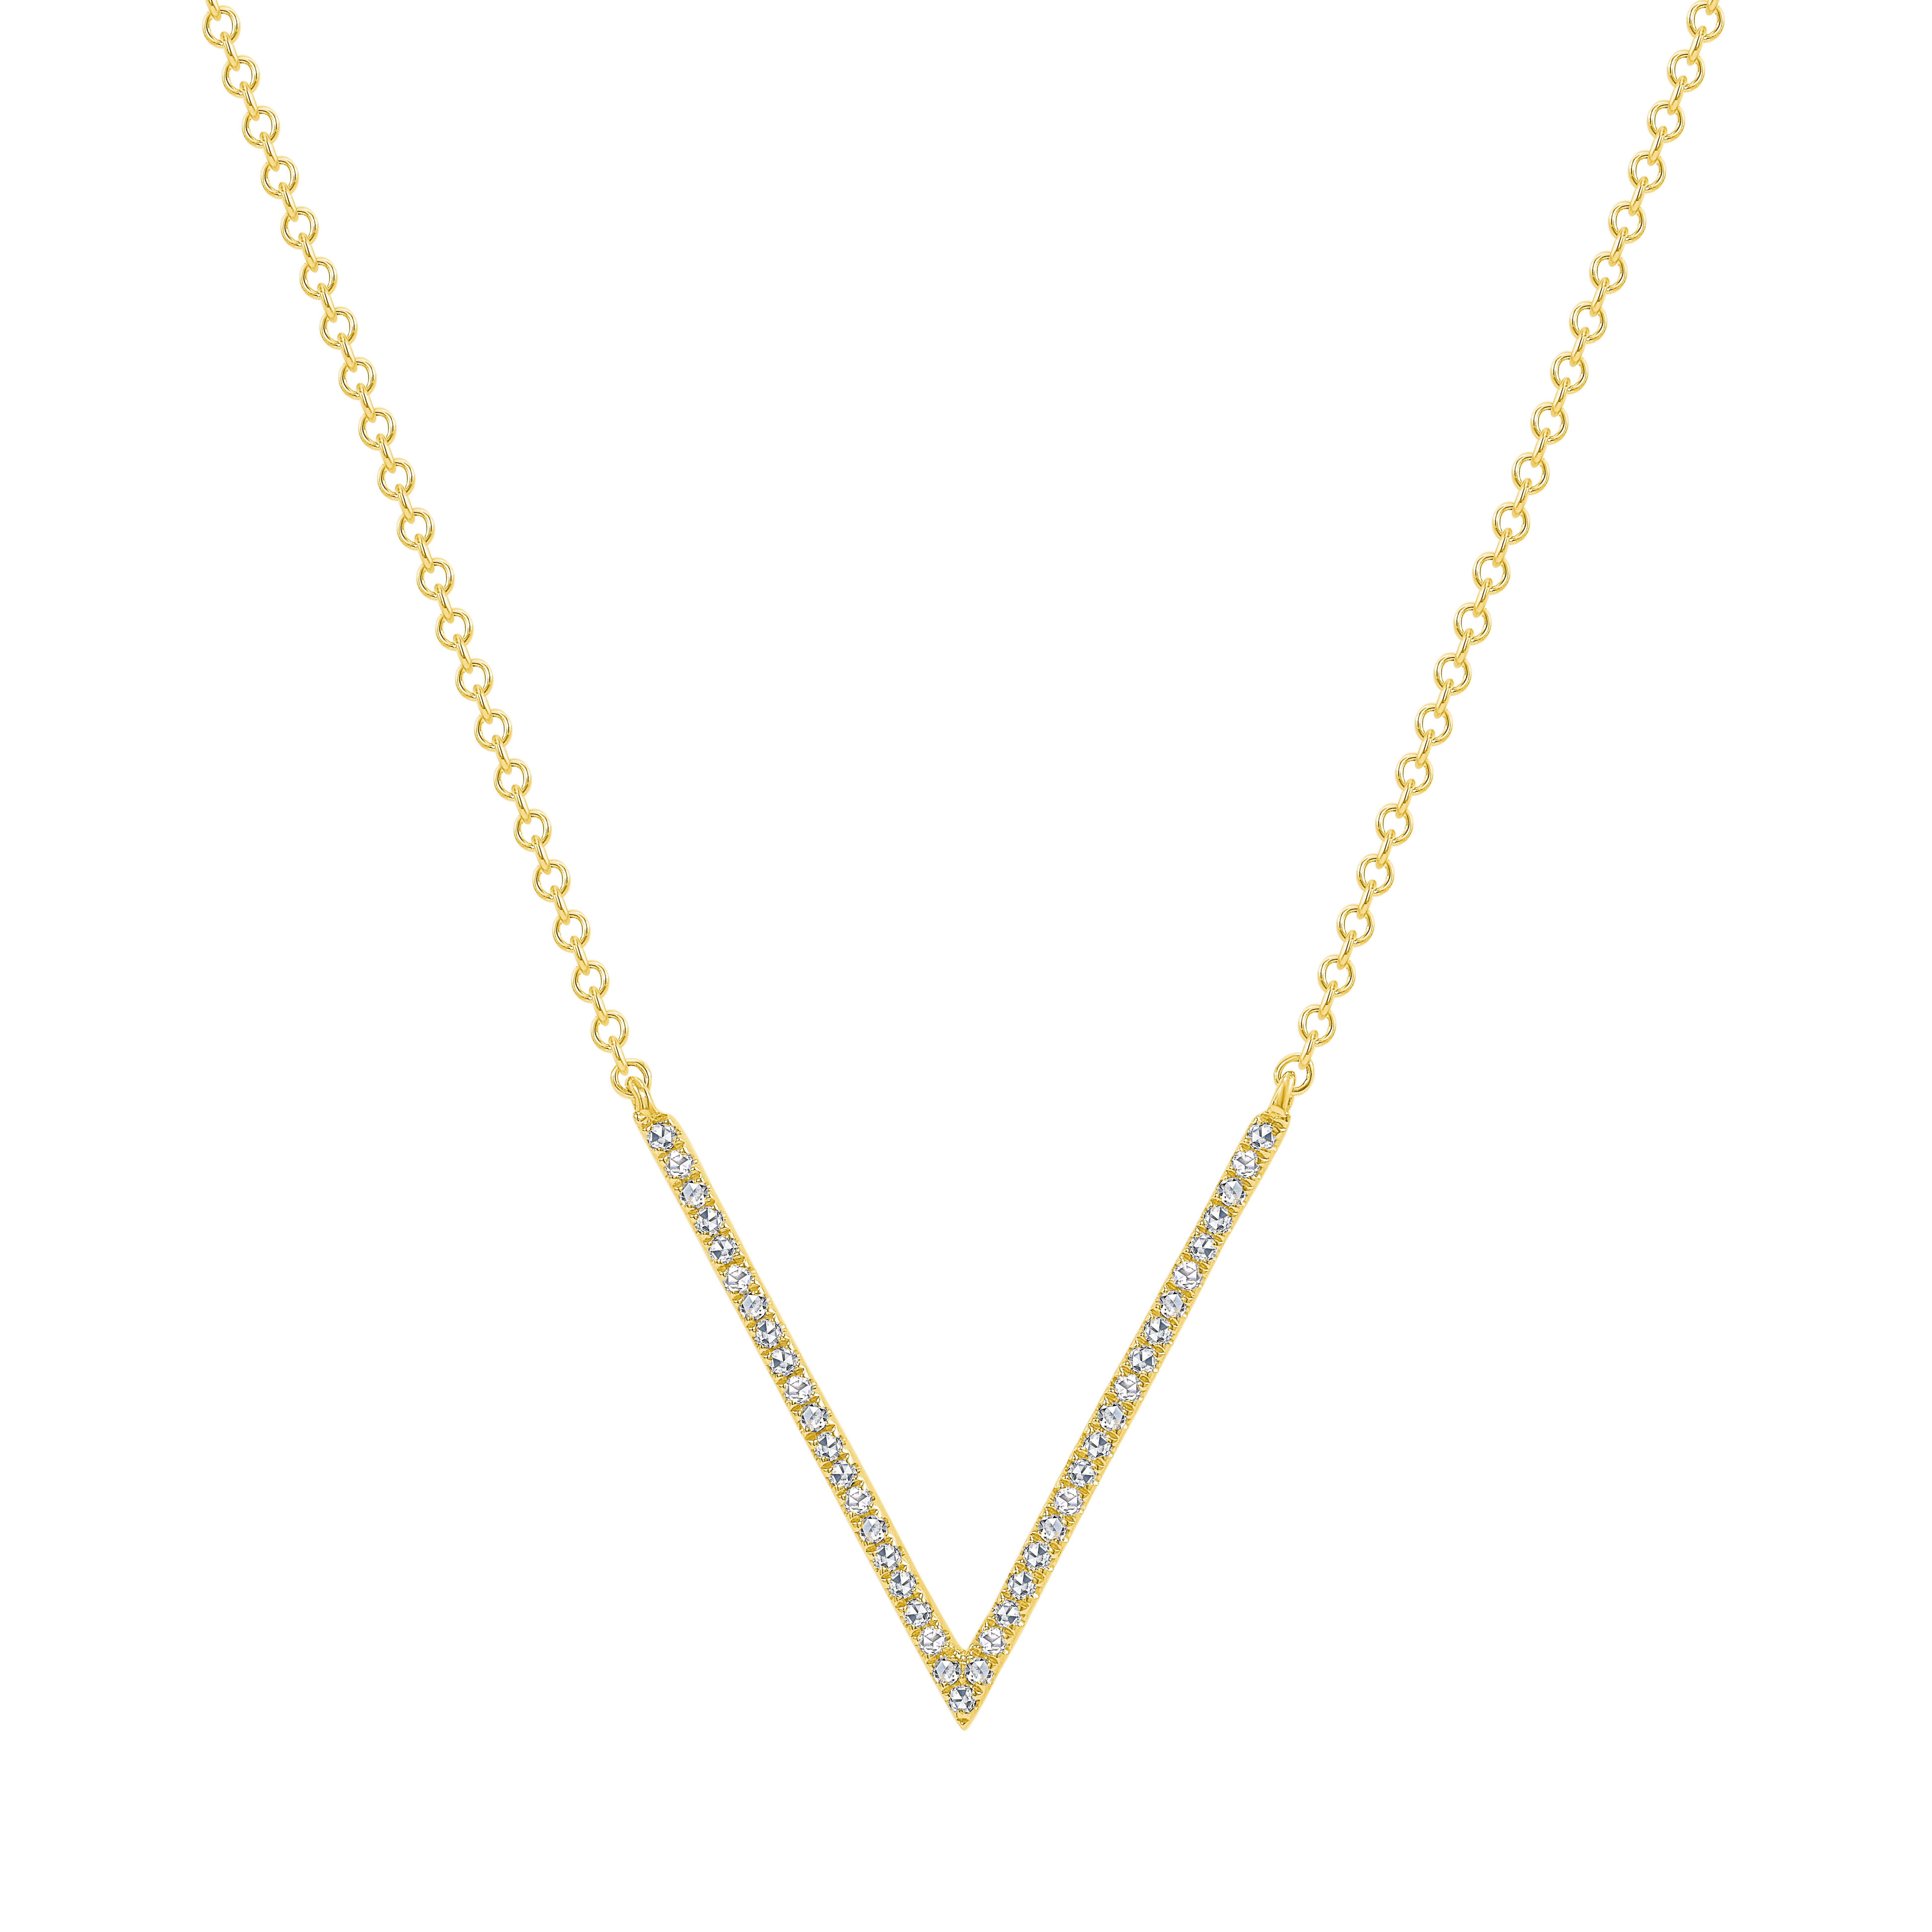 v shaped diamond necklace gold